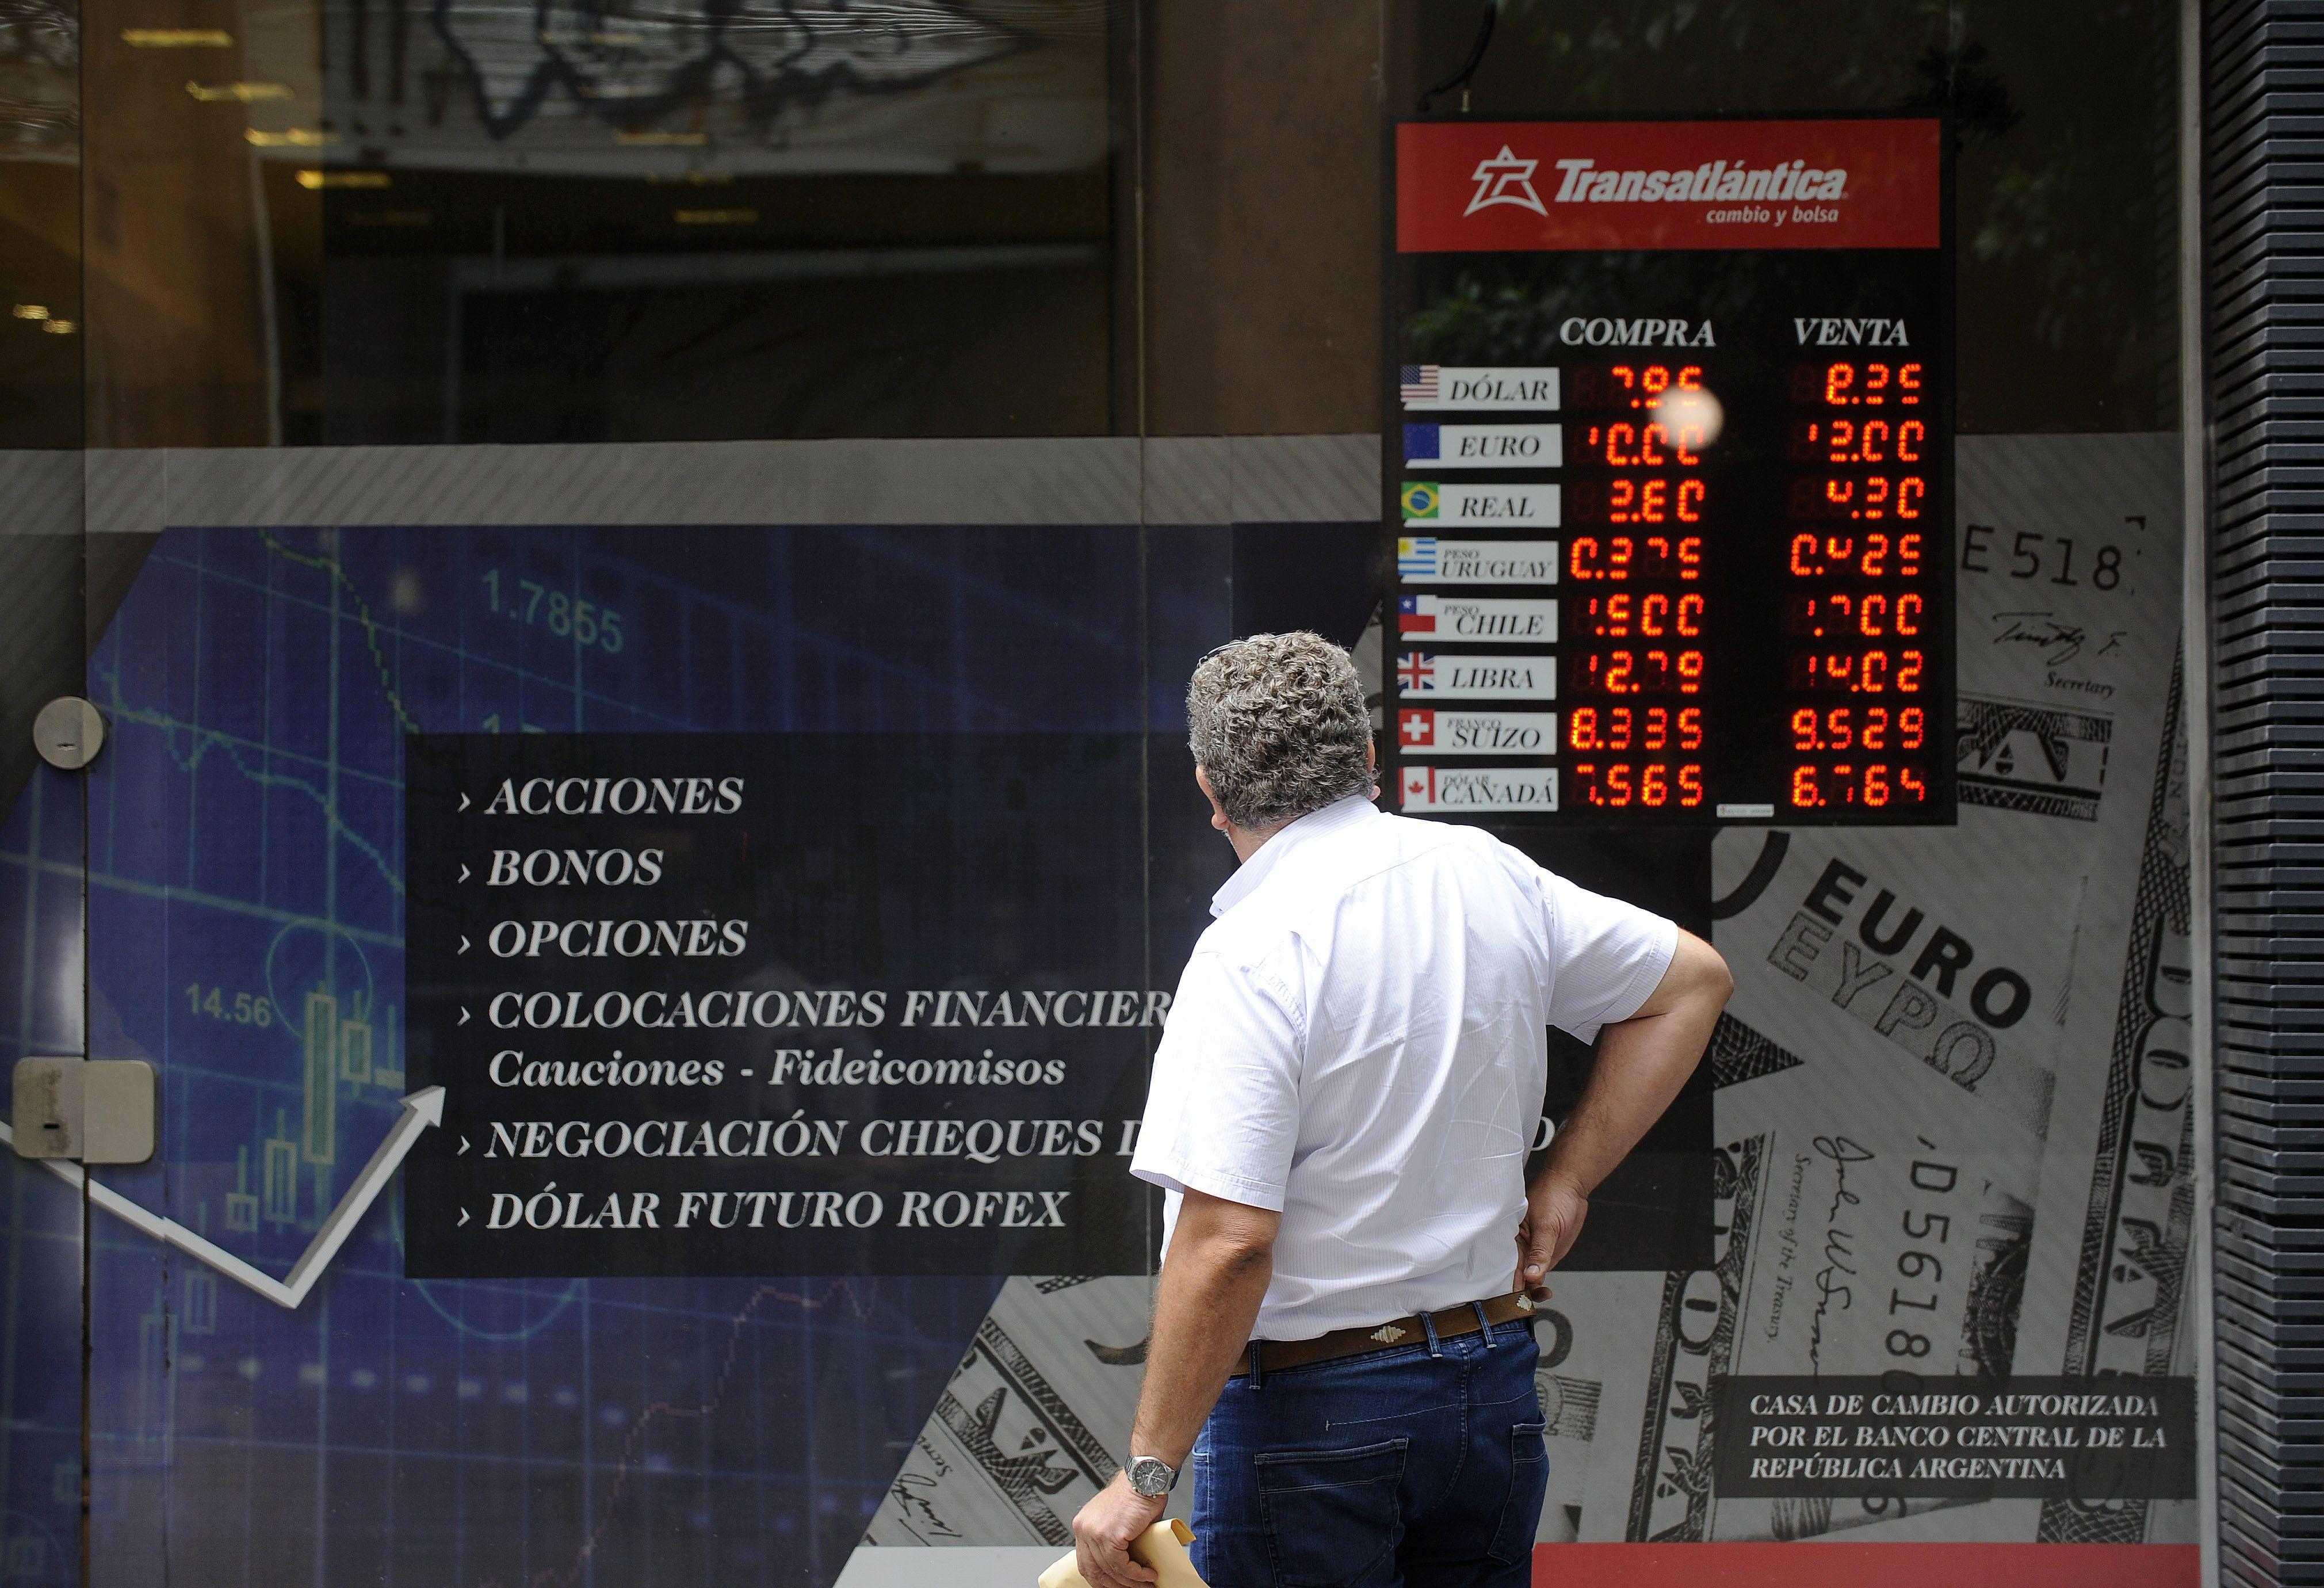 Movido. El mercado reaccionó con una fuerte dolarización de carteras ante variables poco esperadas.